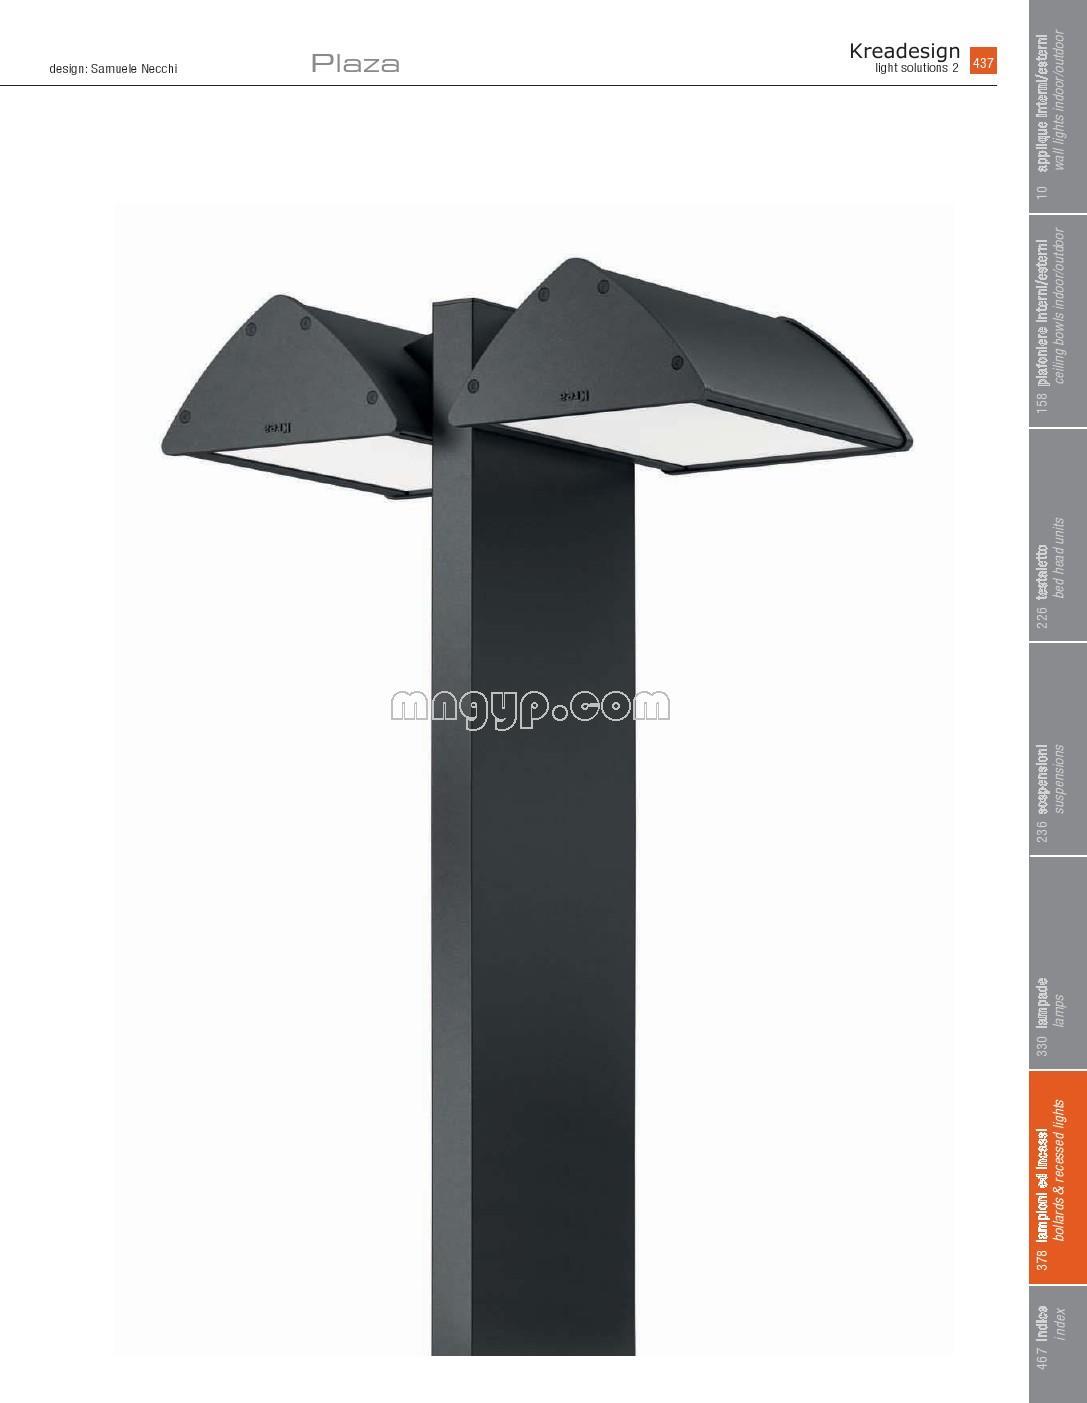 krea 2012年灯饰灯具设计书籍目录_1087*1403